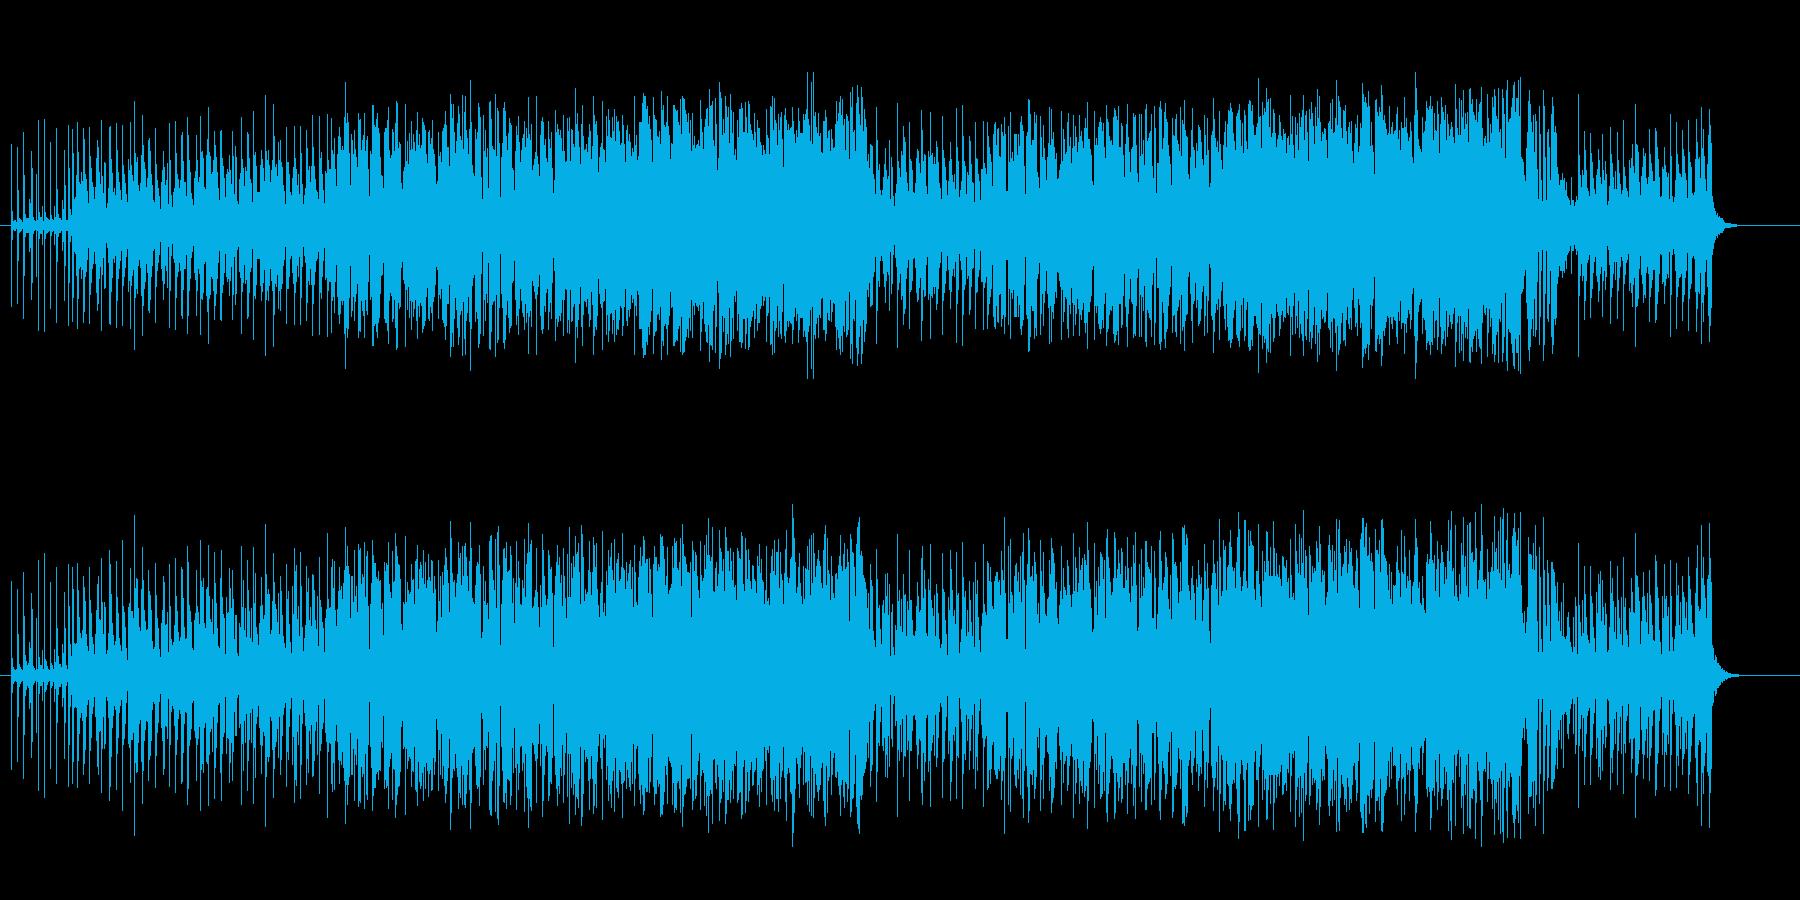 軽めでお洒落なミディアム・フュージョンの再生済みの波形